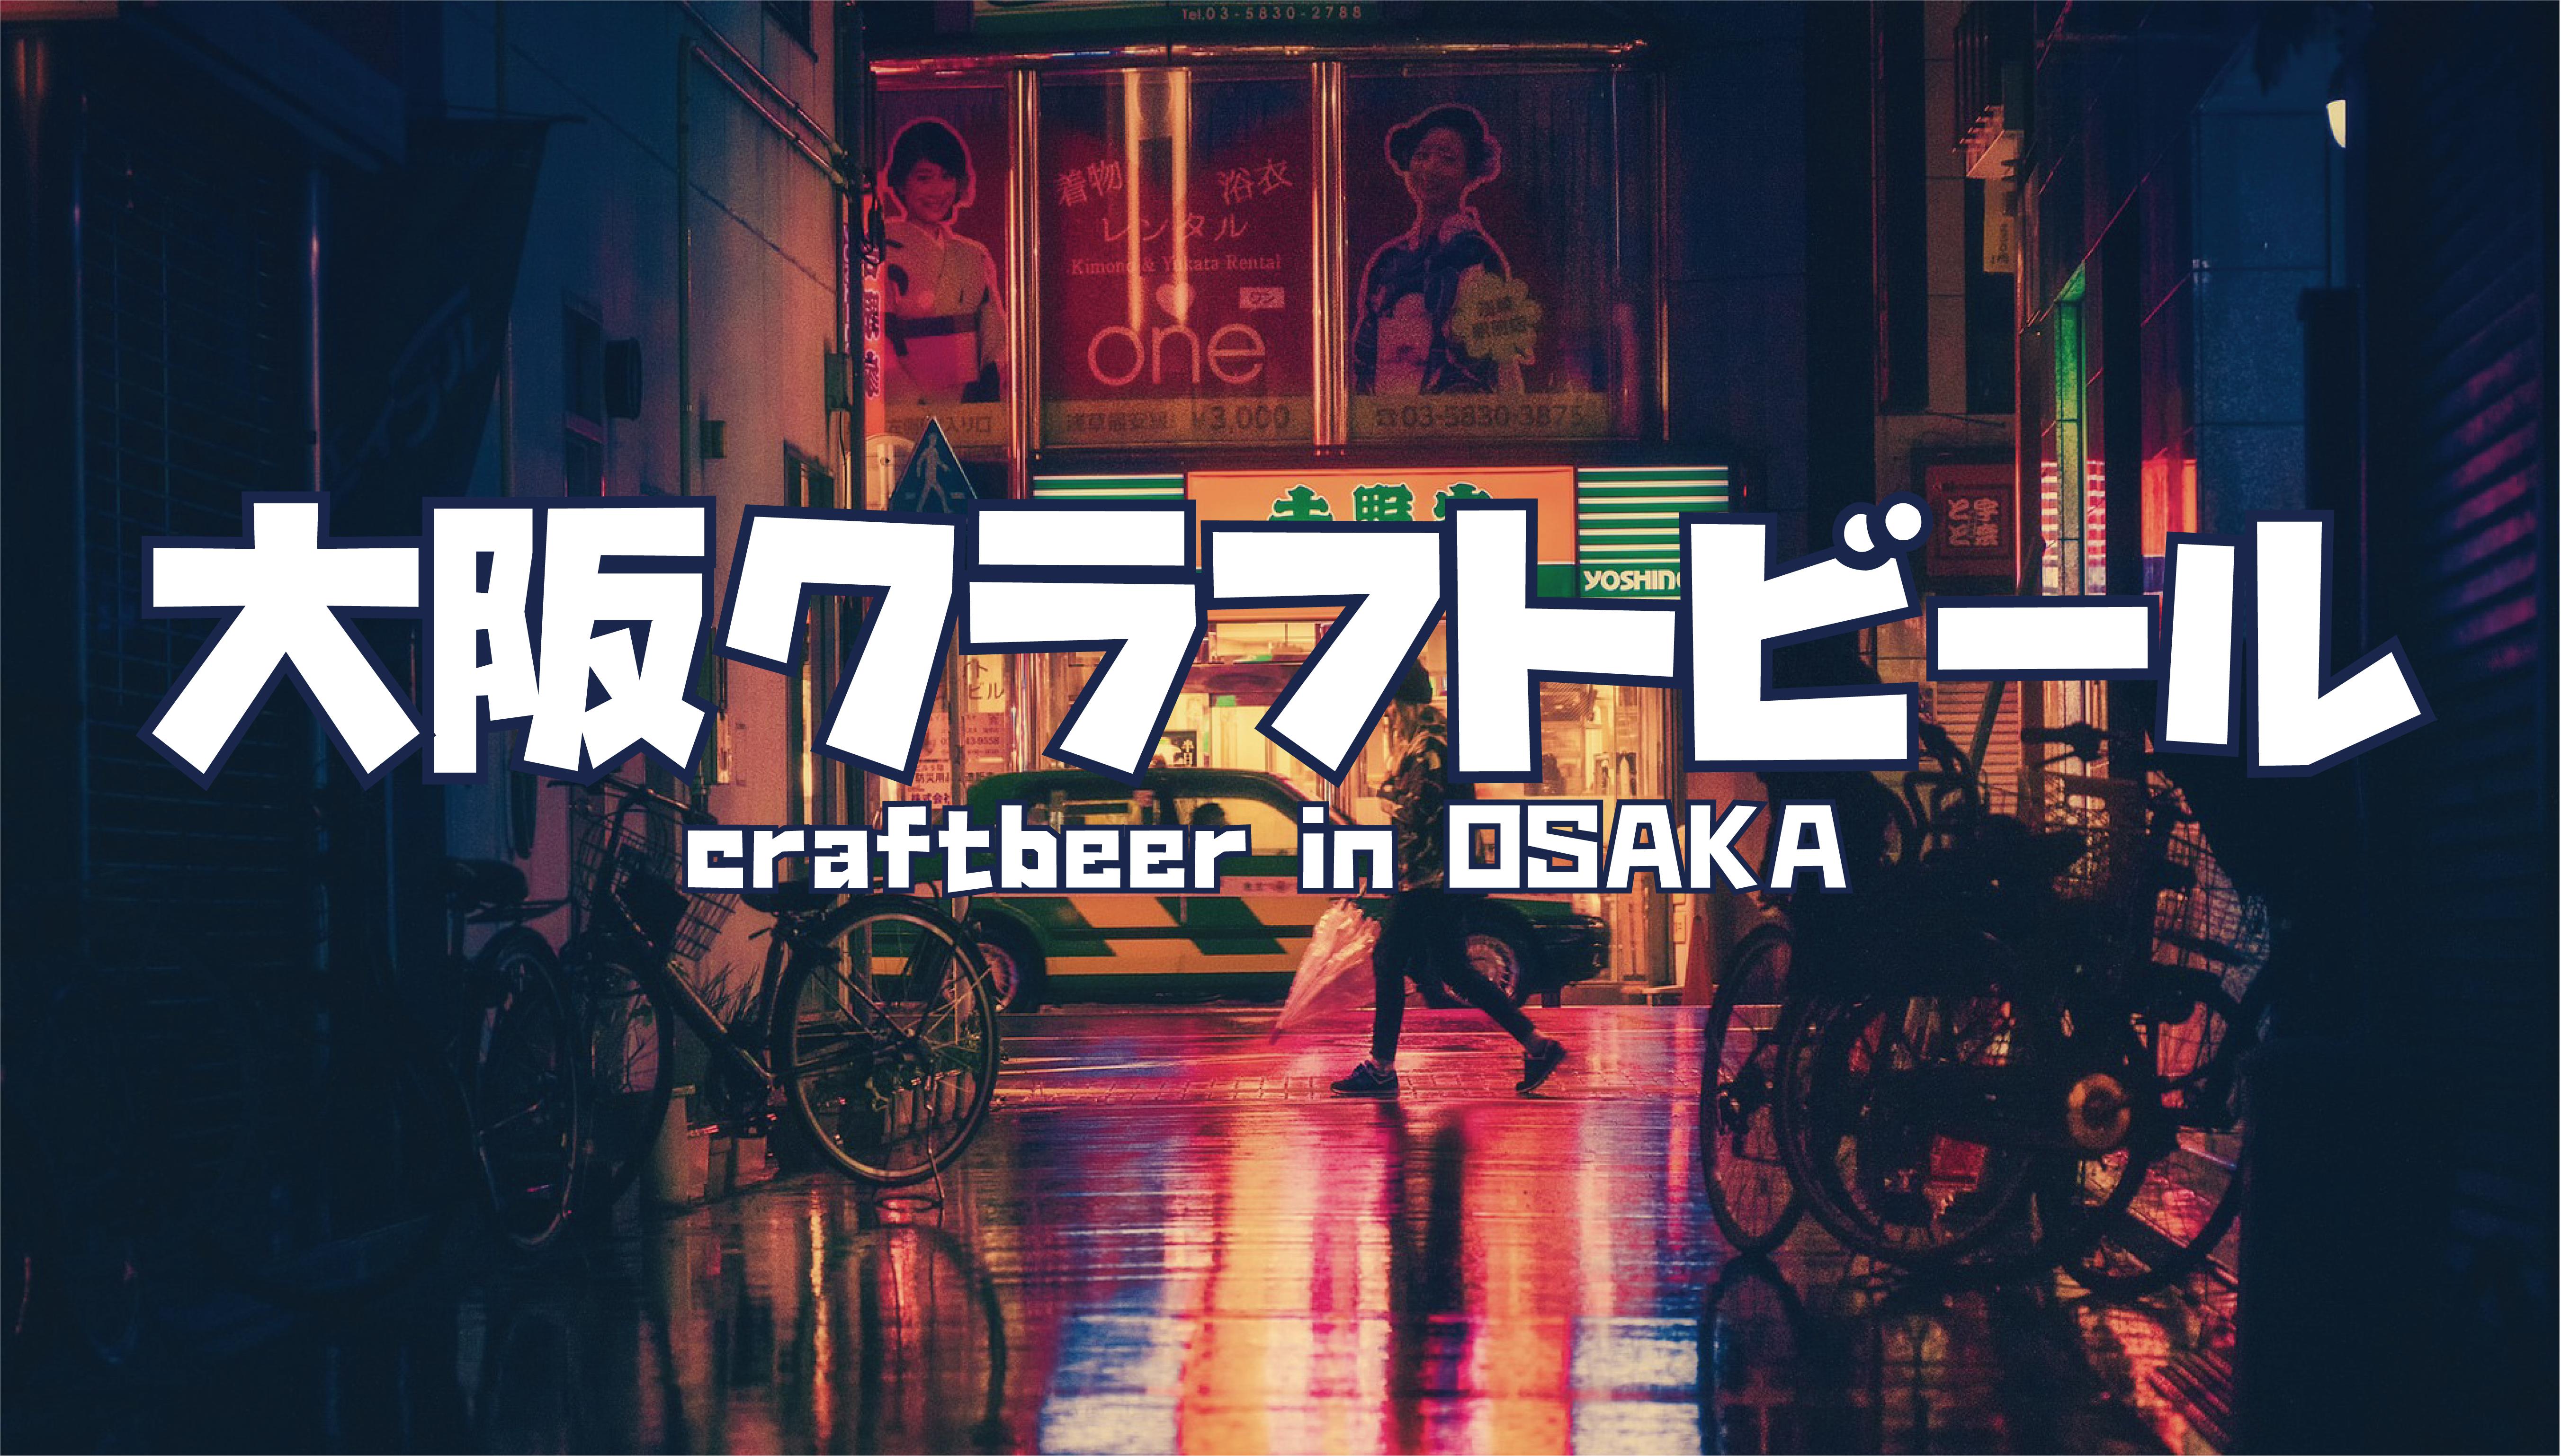 クラフトビール 地ビール 大阪 大阪駅 梅田駅 梅田 craftbeer ビアパブ バー ブルワリー